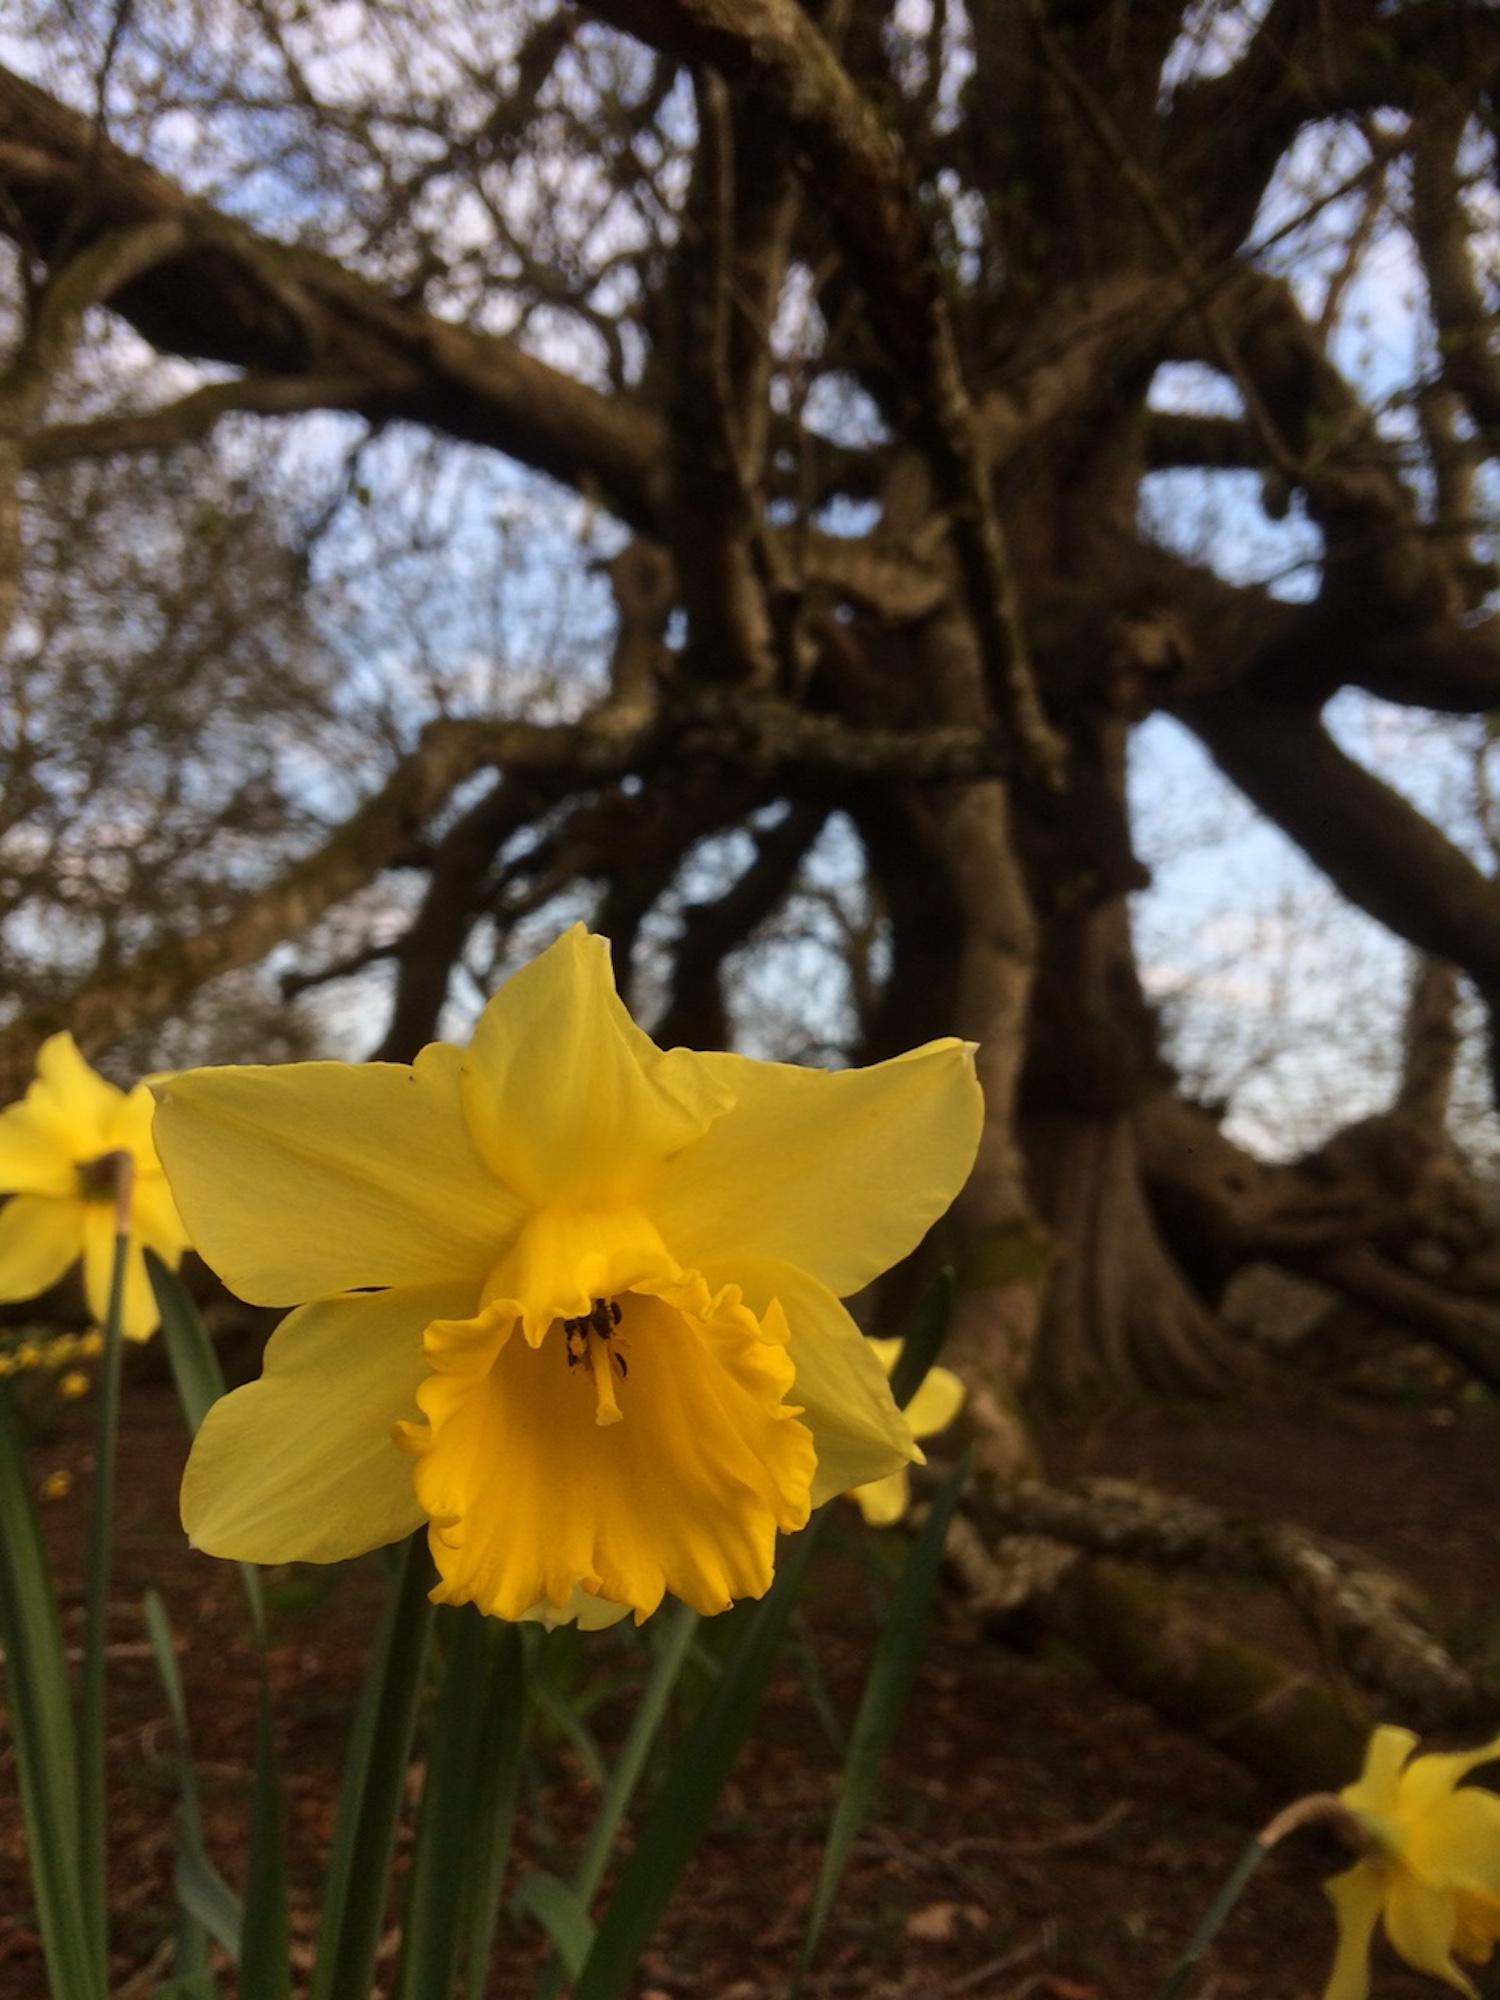 daffodill_glamis_castle_ead_2019.JPG